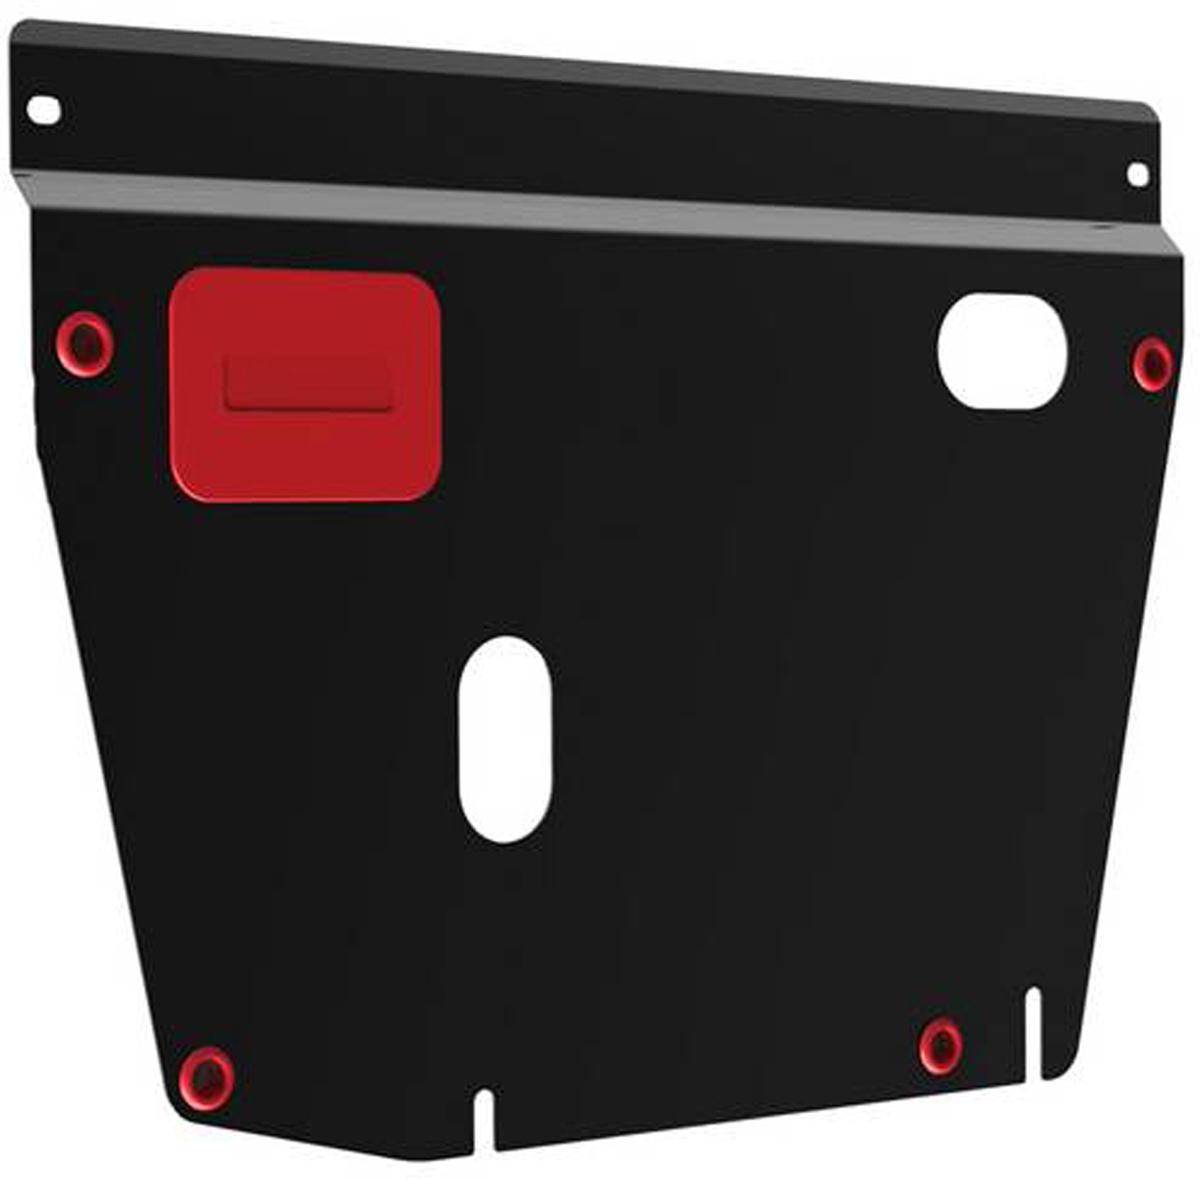 Защита картера и КПП Автоброня Honda Civic 2006-, сталь 2 мм111.02108.1Защита картера и КПП Автоброня Honda Civic 4dr, V - 1,8 2006-, сталь 2 мм, комплект крепежа, 111.02108.1Стальные защиты Автоброня надежно защищают ваш автомобиль от повреждений при наезде на бордюры, выступающие канализационные люки, кромки поврежденного асфальта или при ремонте дорог, не говоря уже о загородных дорогах. - Имеют оптимальное соотношение цена-качество. - Спроектированы с учетом особенностей автомобиля, что делает установку удобной. - Защита устанавливается в штатные места кузова автомобиля. - Является надежной защитой для важных элементов на протяжении долгих лет. - Глубокий штамп дополнительно усиливает конструкцию защиты. - Подштамповка в местах крепления защищает крепеж от срезания. - Технологические отверстия там, где они необходимы для смены масла и слива воды, оборудованные заглушками, закрепленными на защите. Толщина стали 2 мм. В комплекте крепеж и инструкция по установке.